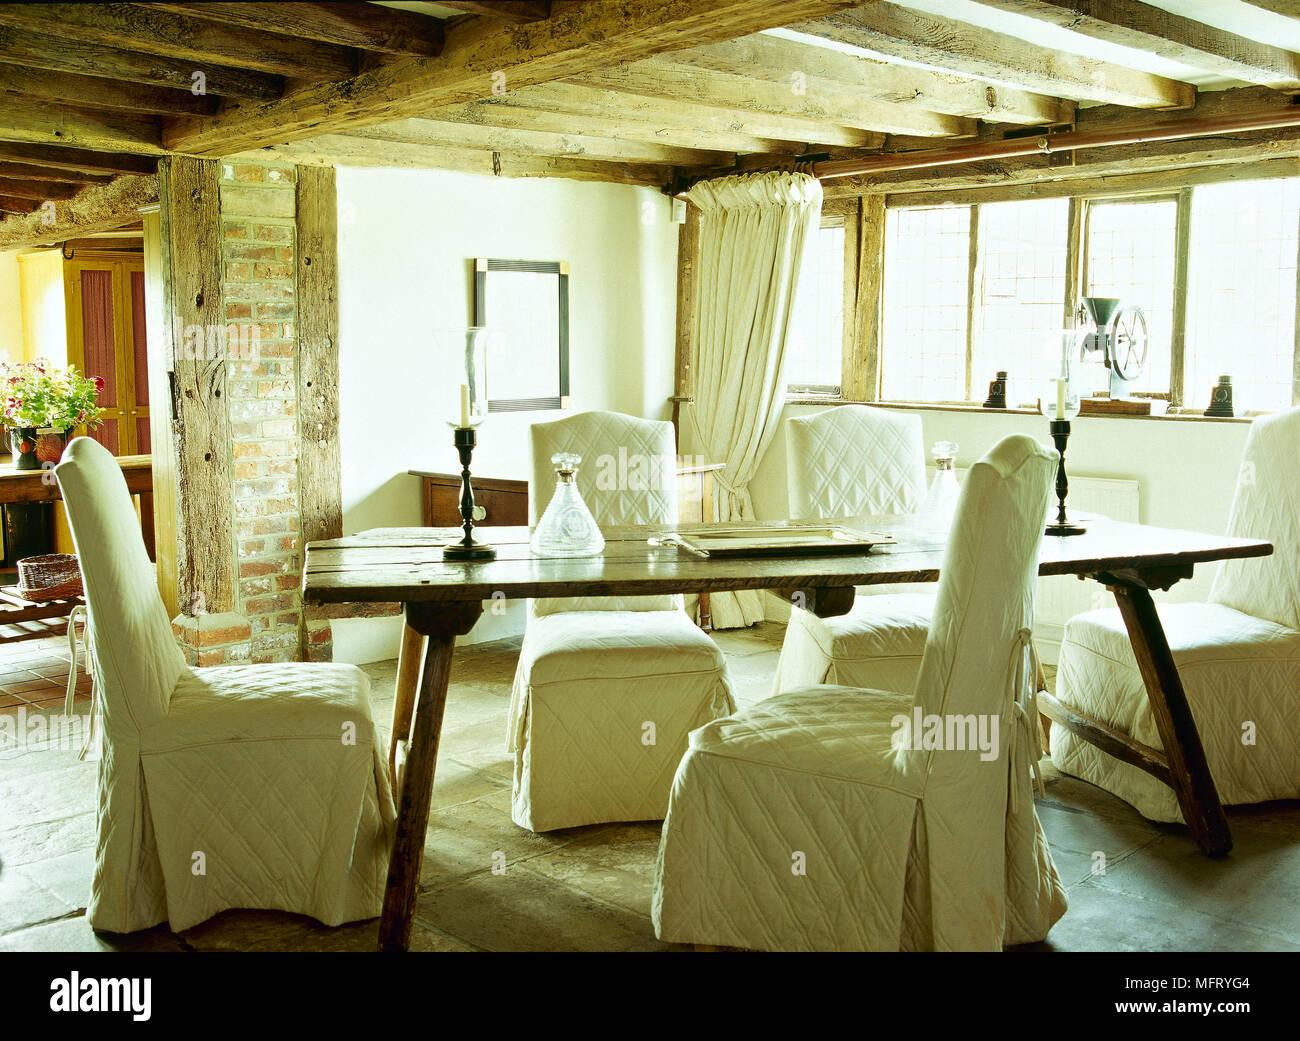 Cottage di campagna sala da pranzo soffitto di travi di legno tavolo fratino sedie imbottite - Mobili di campagna ...